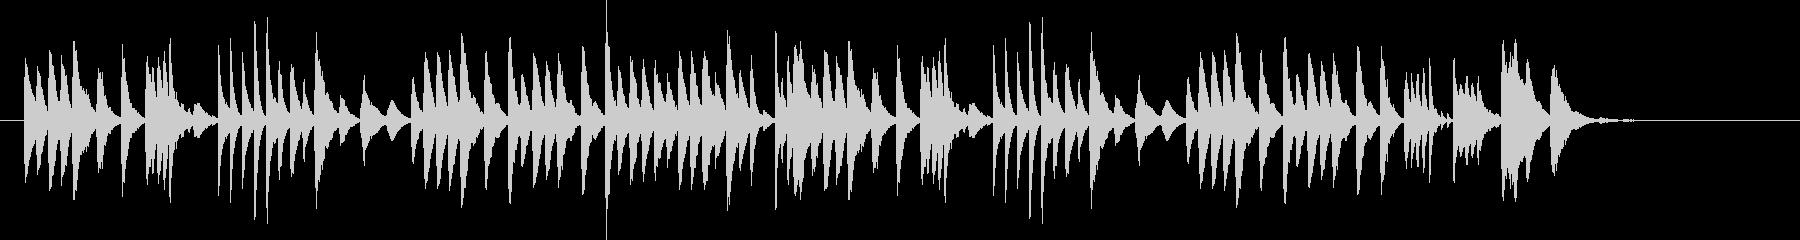 チャイコフスキー葦笛の踊りをマリンバでの未再生の波形